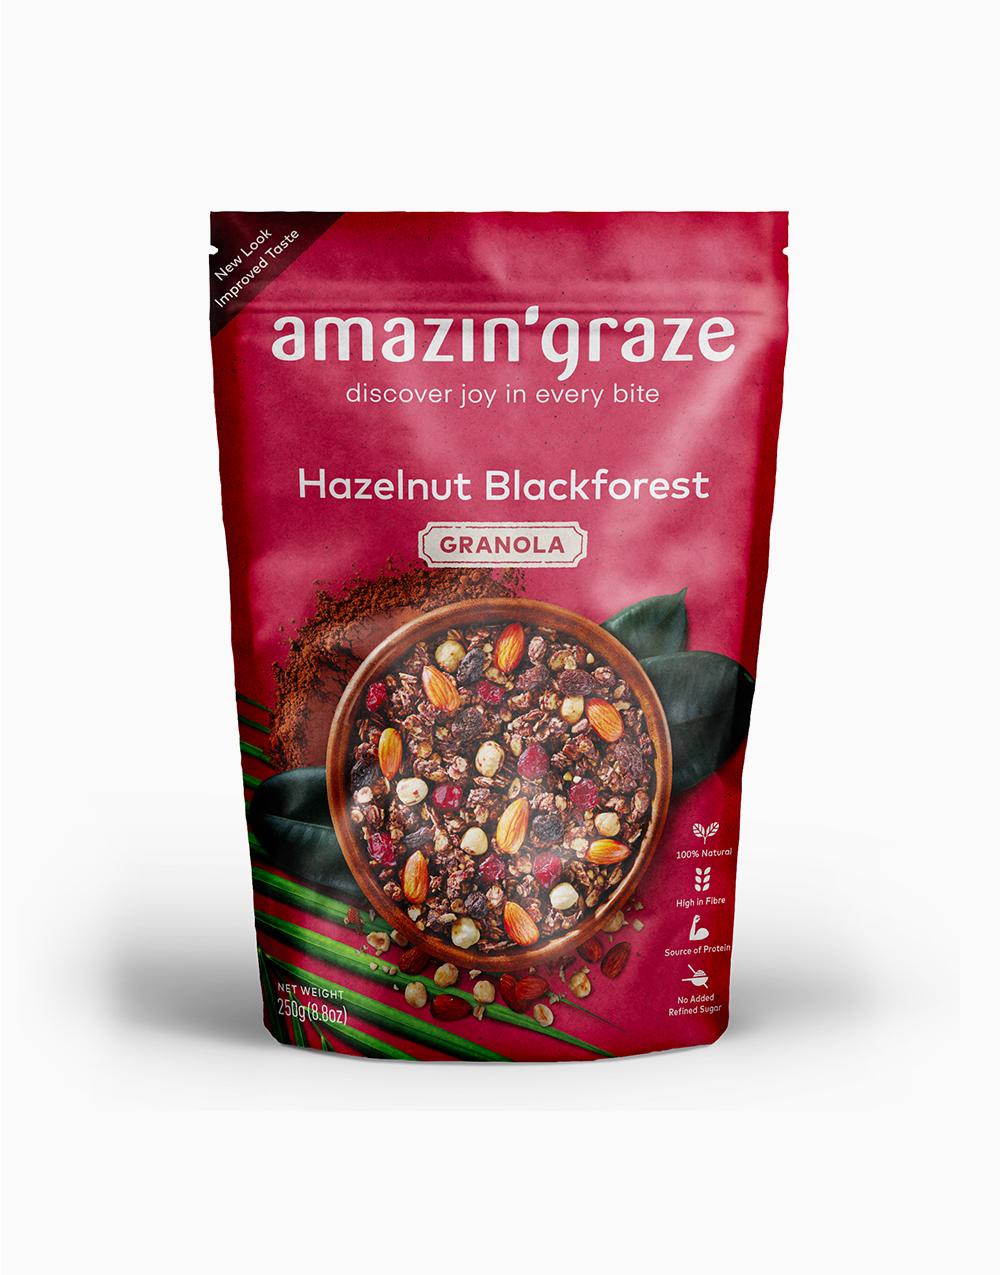 Hazelnut Black Forest Granola (250g) by Amazin' Graze